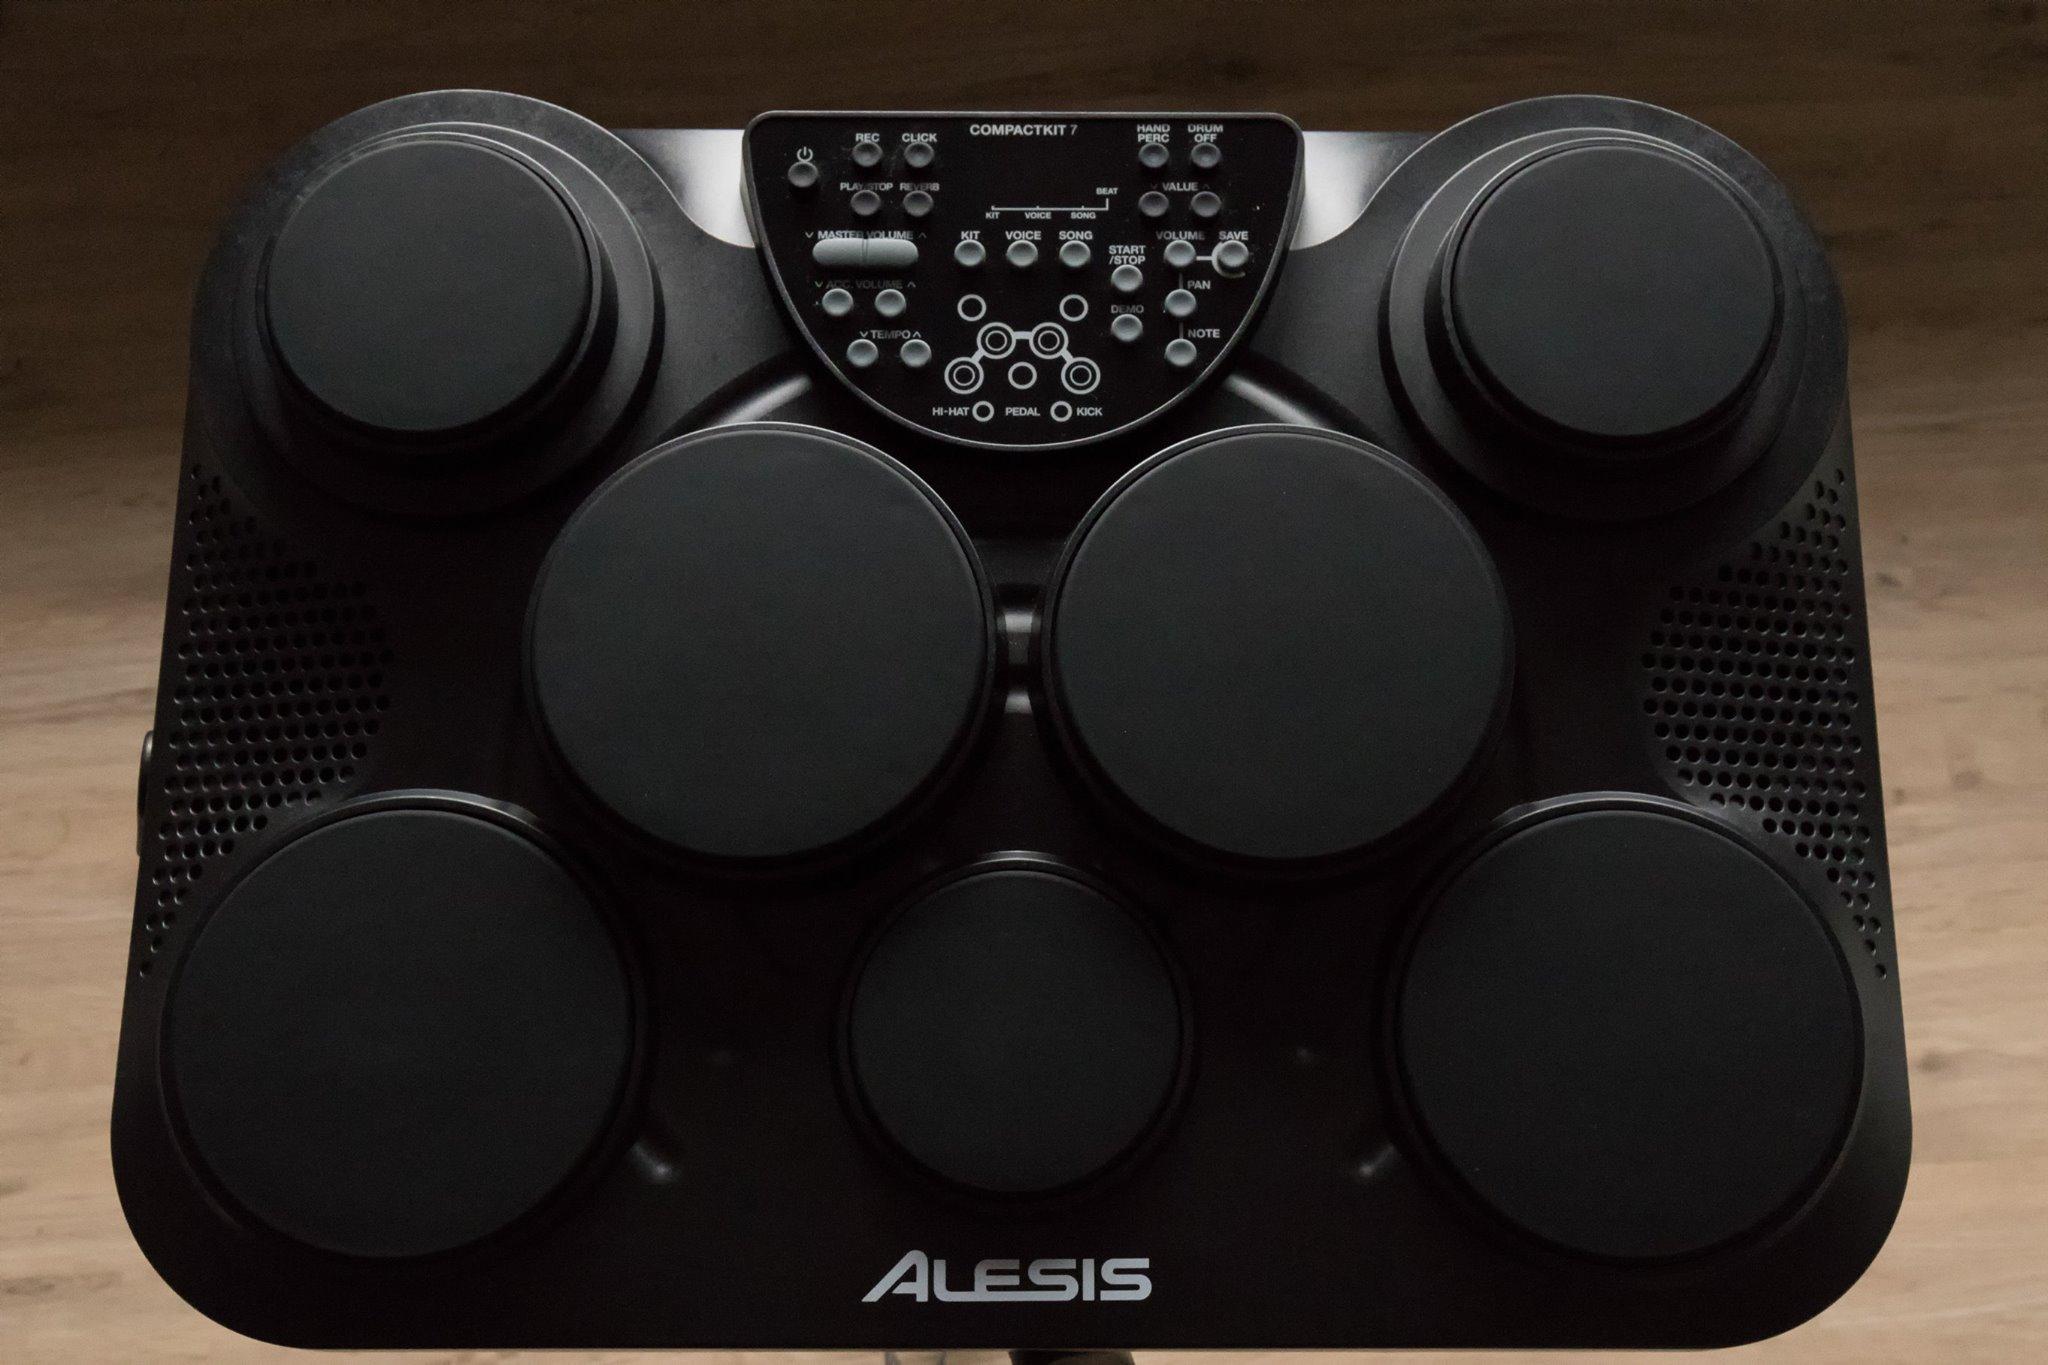 Alesis Compact Kit 7 : alesis compactkit 7 image 1579027 audiofanzine ~ Vivirlamusica.com Haus und Dekorationen